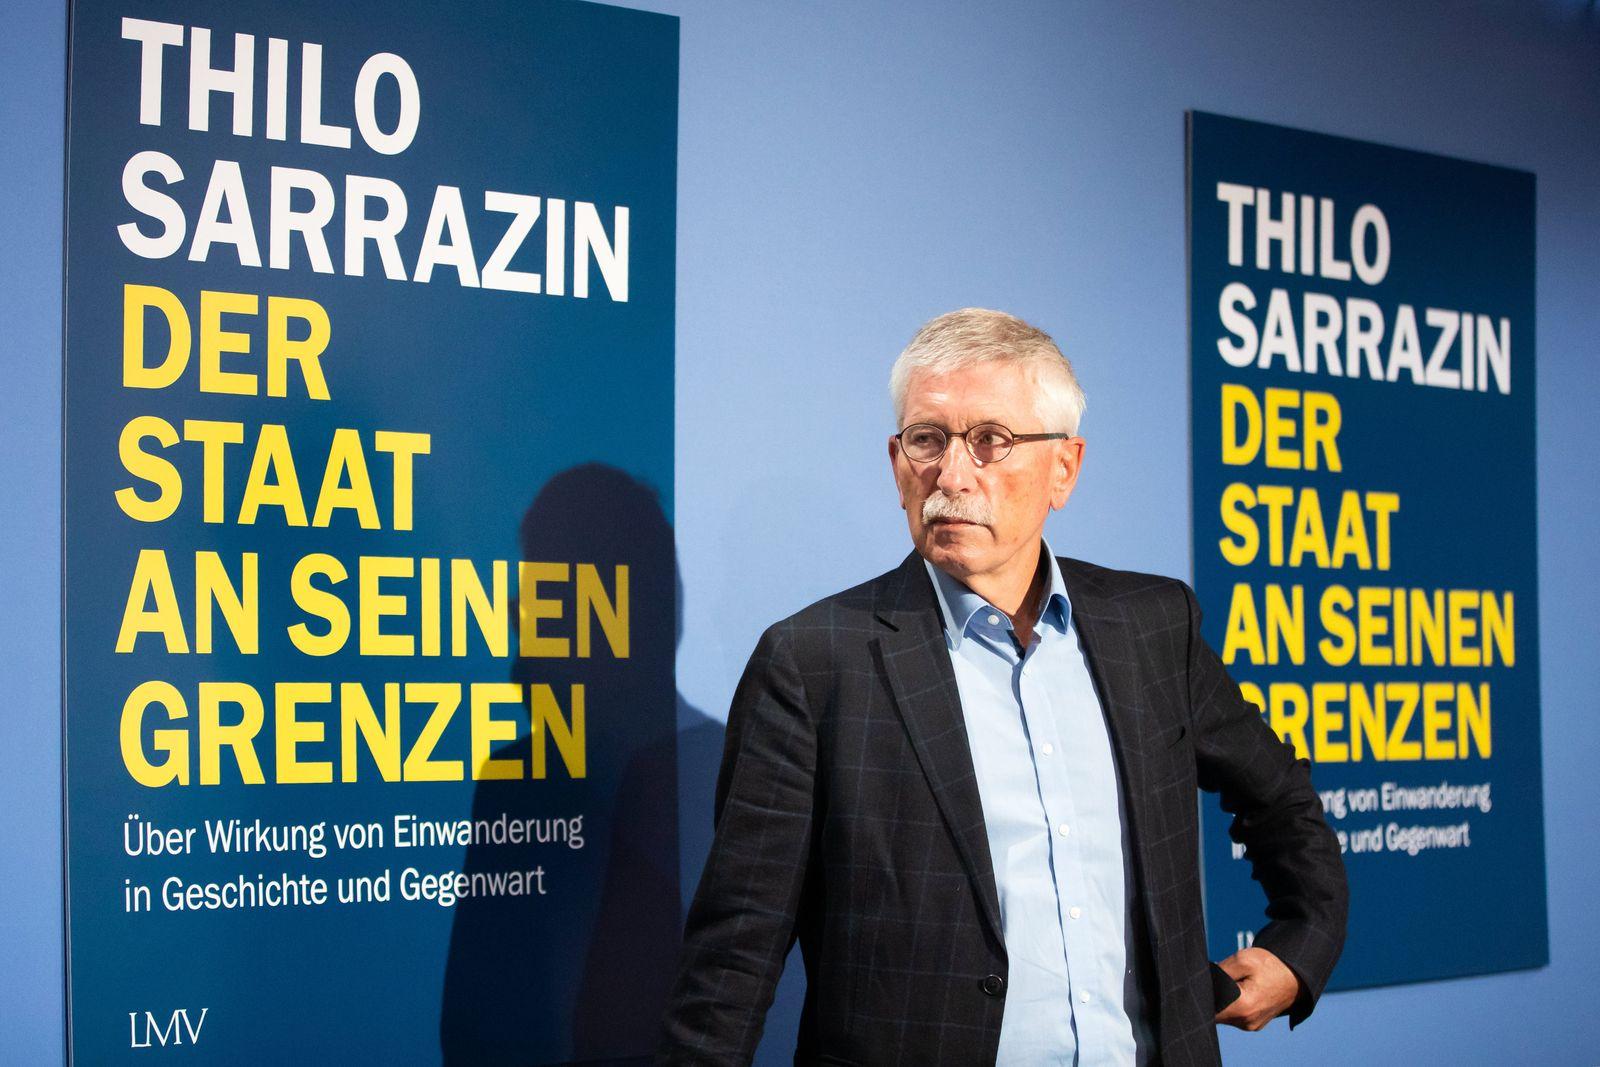 Thilo Sarrazin stellt neues Buch vor